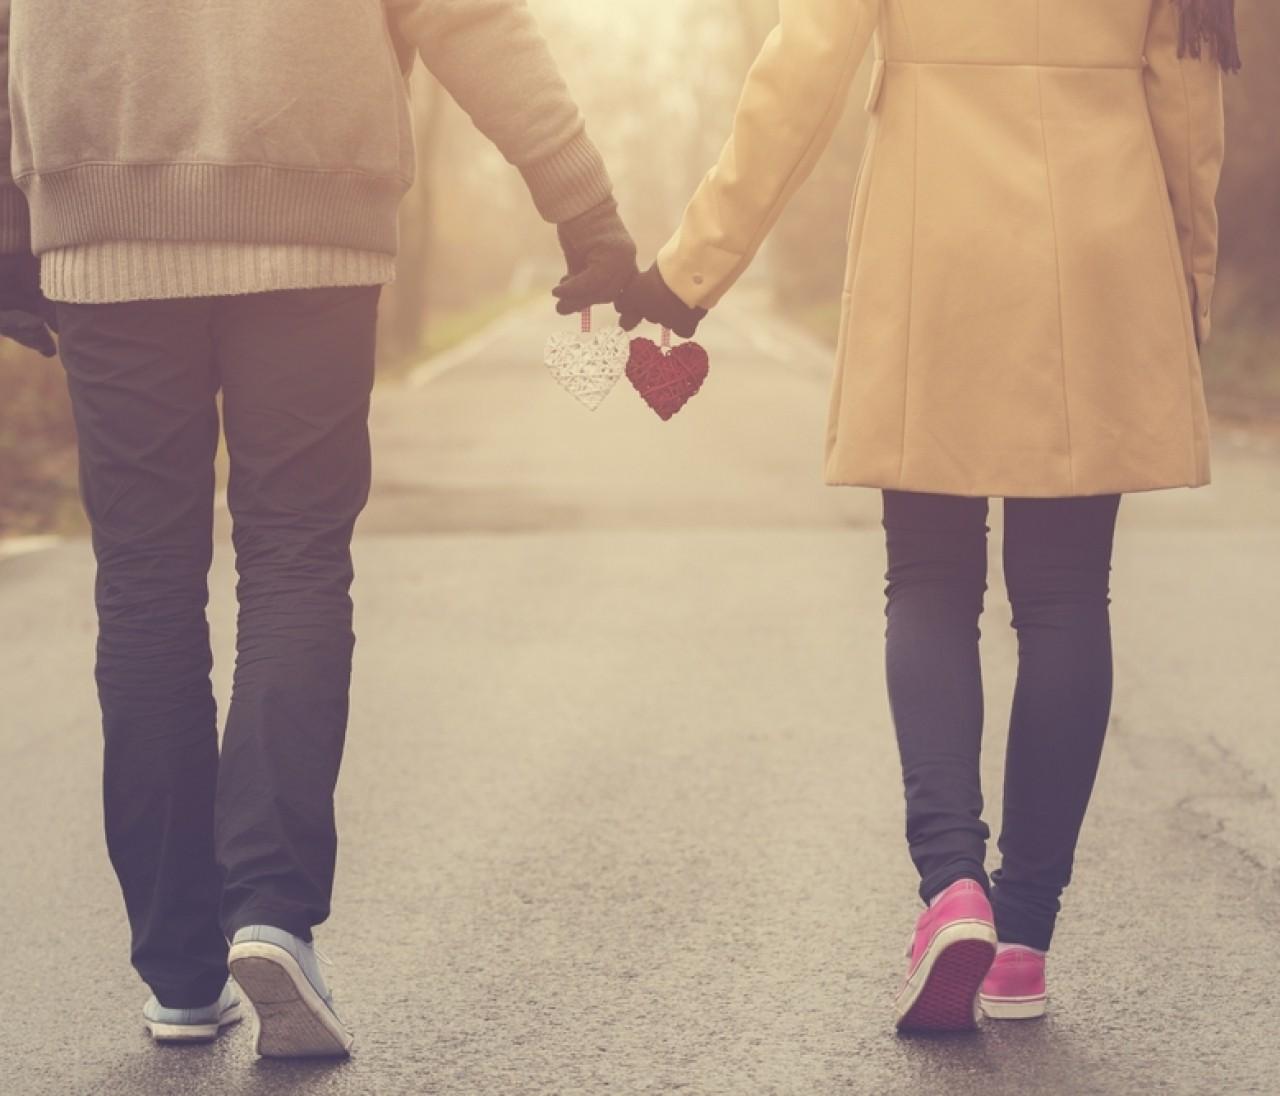 告白するぞ!と意気込んでデートに行った結果…【30代ジーコの、本気で婚活!ブログVol.35】